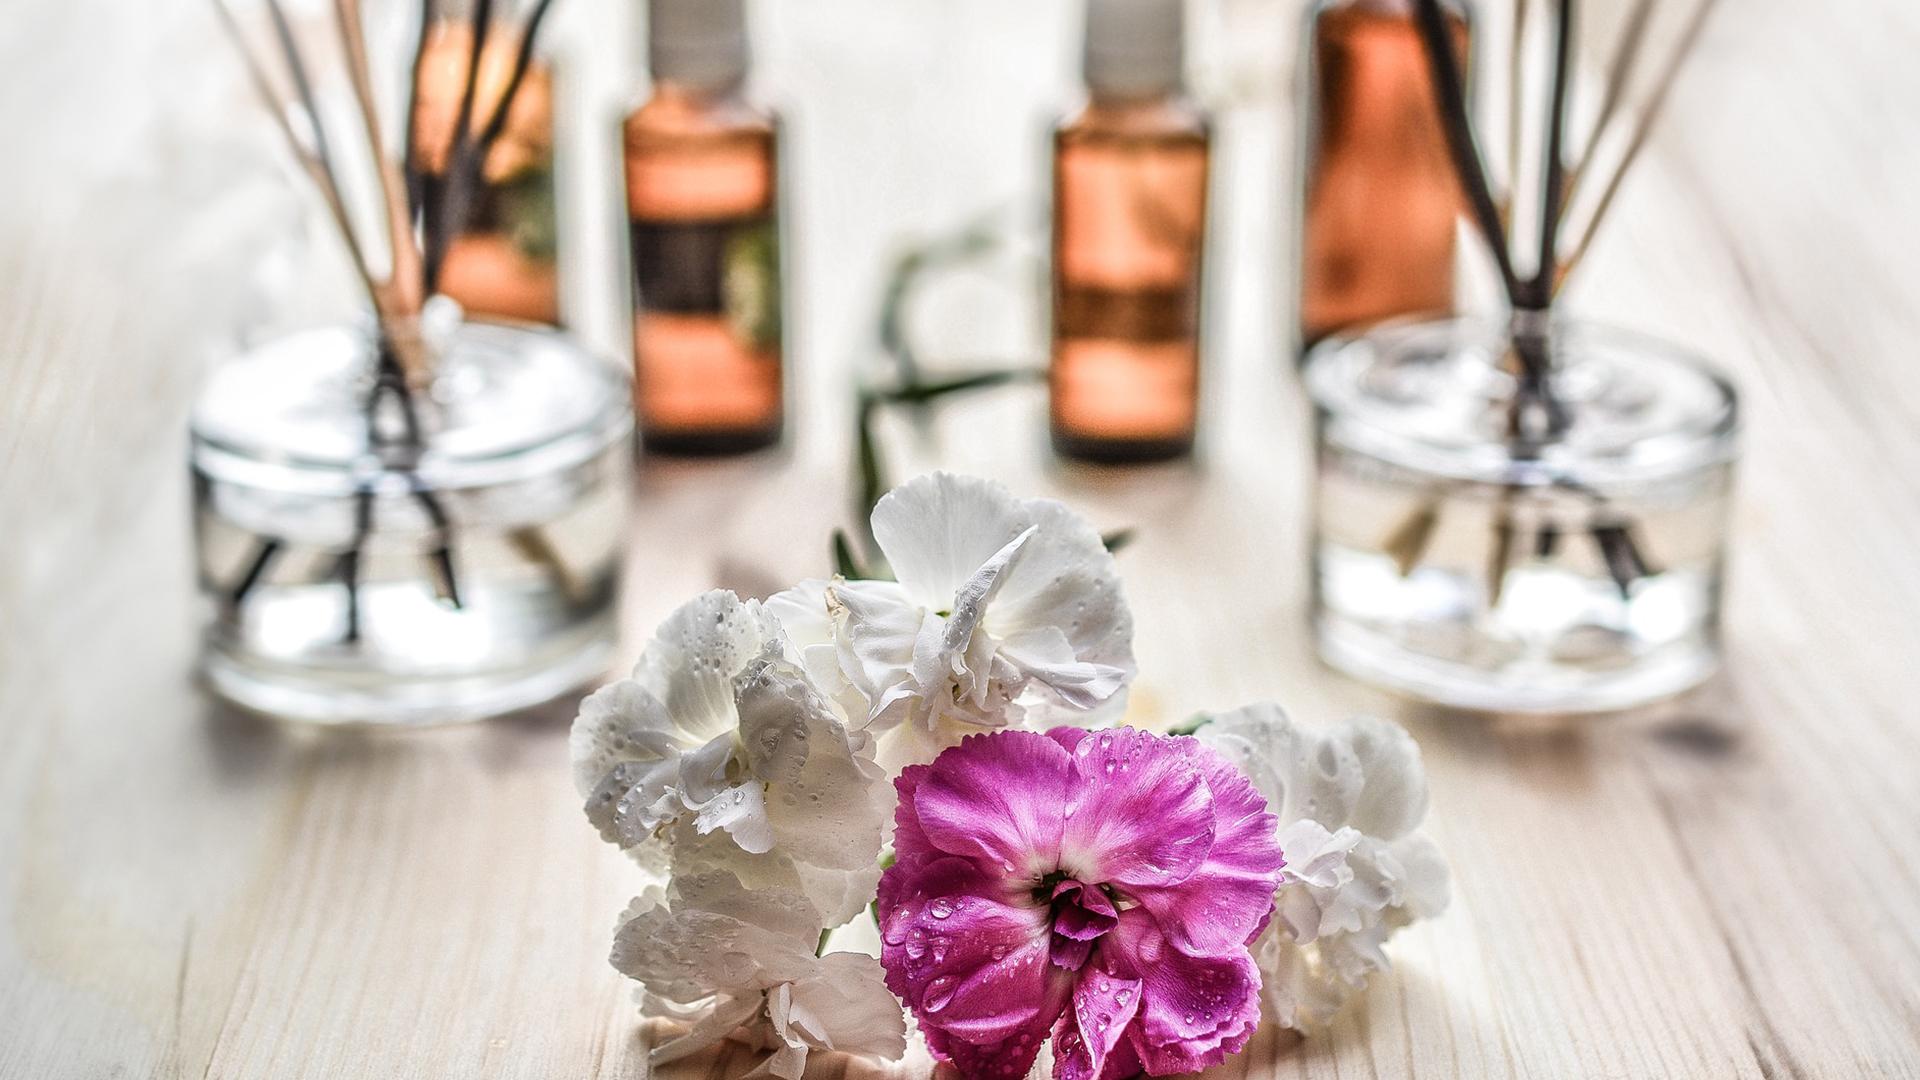 novi parfemi u drogerijama